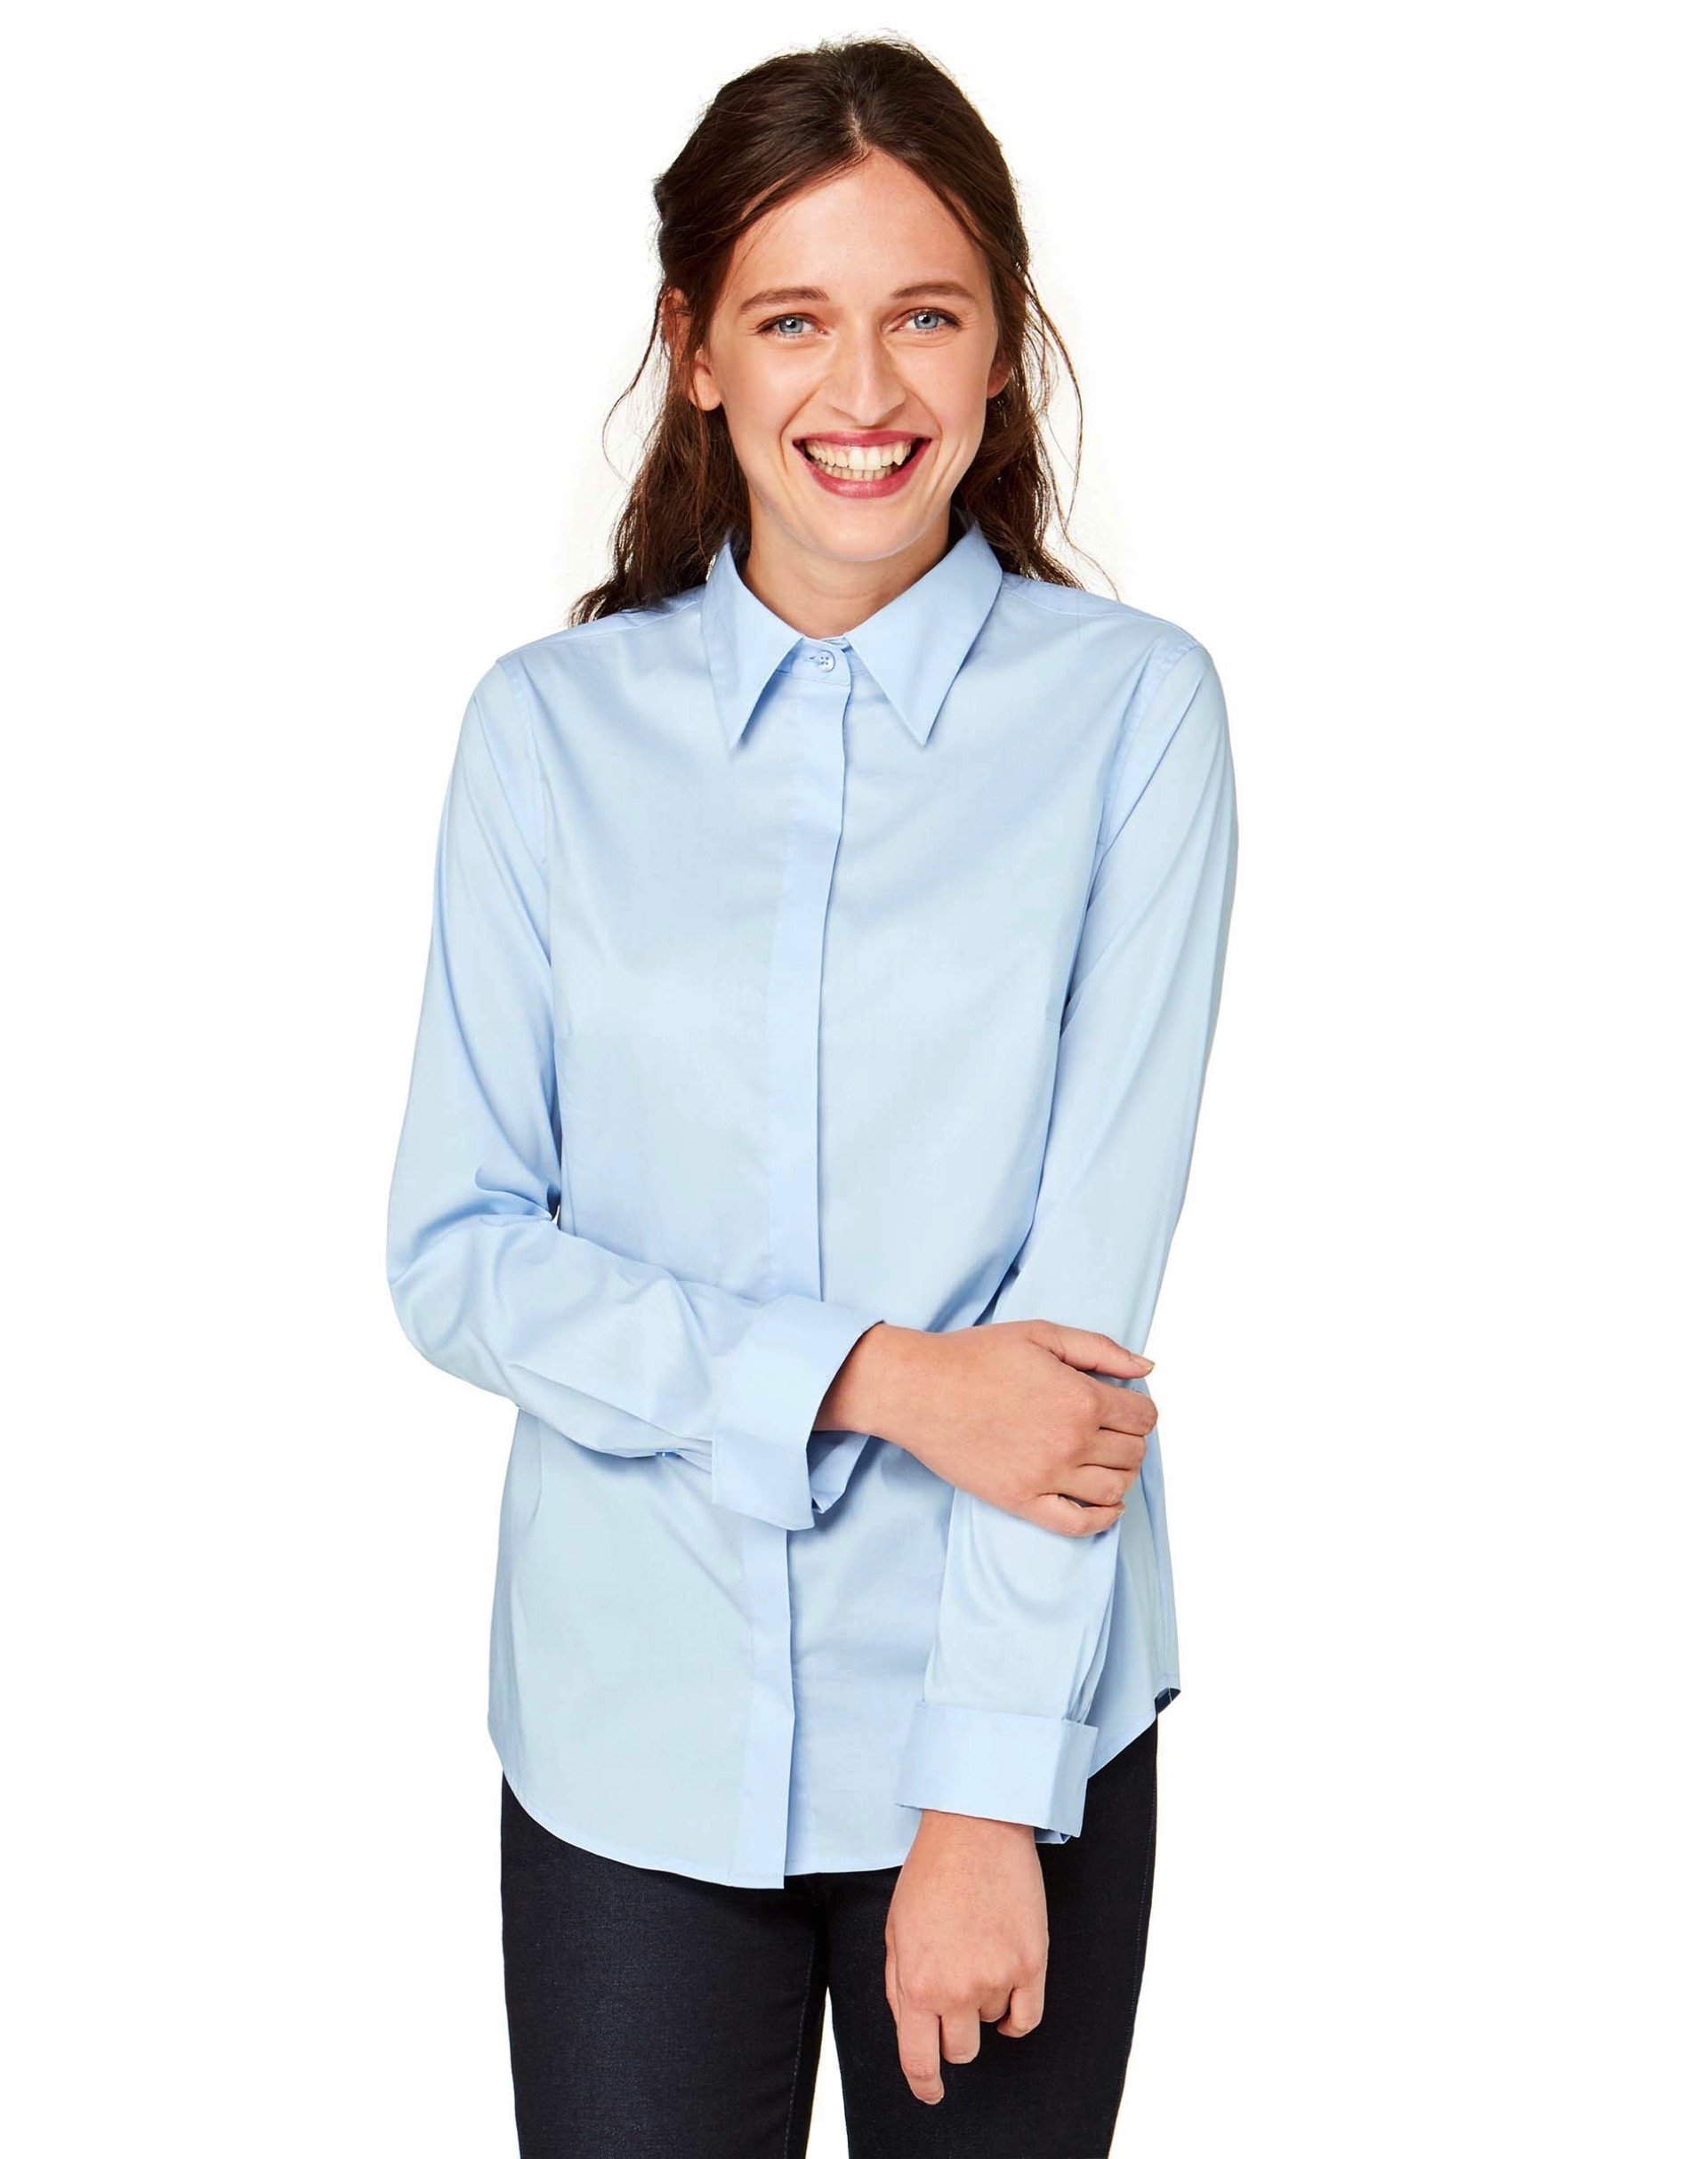 РубашкаРубашки<br>Рубашка из смесового хлопка стретч с итальянским воротничком, длинным рукавом и потайной застежкой на пуговицы спереди.<br>Цвет: Голубой; Размер: S;